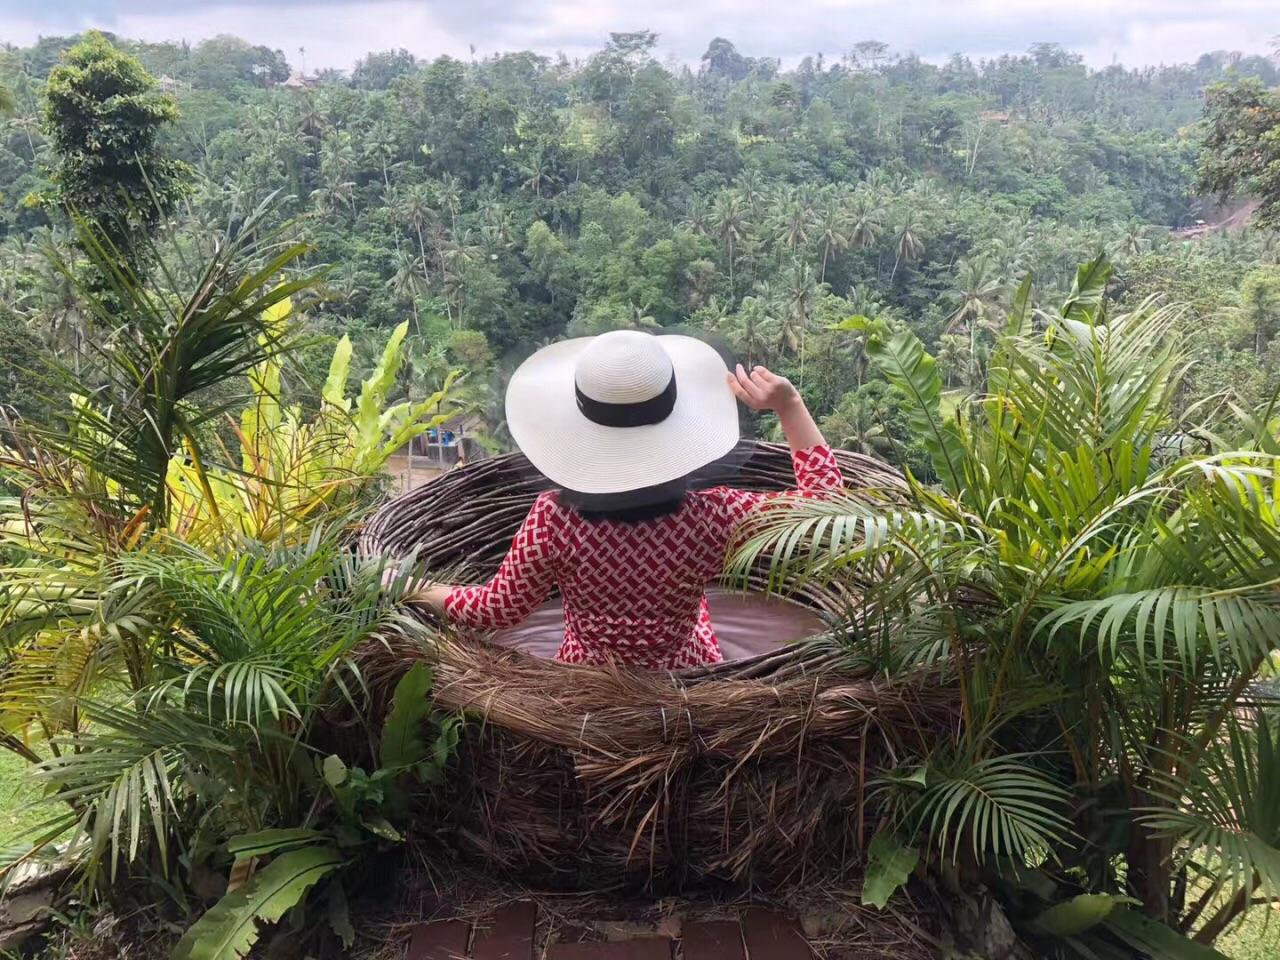 原创             巴厘岛网红秋千排队两小时,拍照2分钟,体验过的人还说值